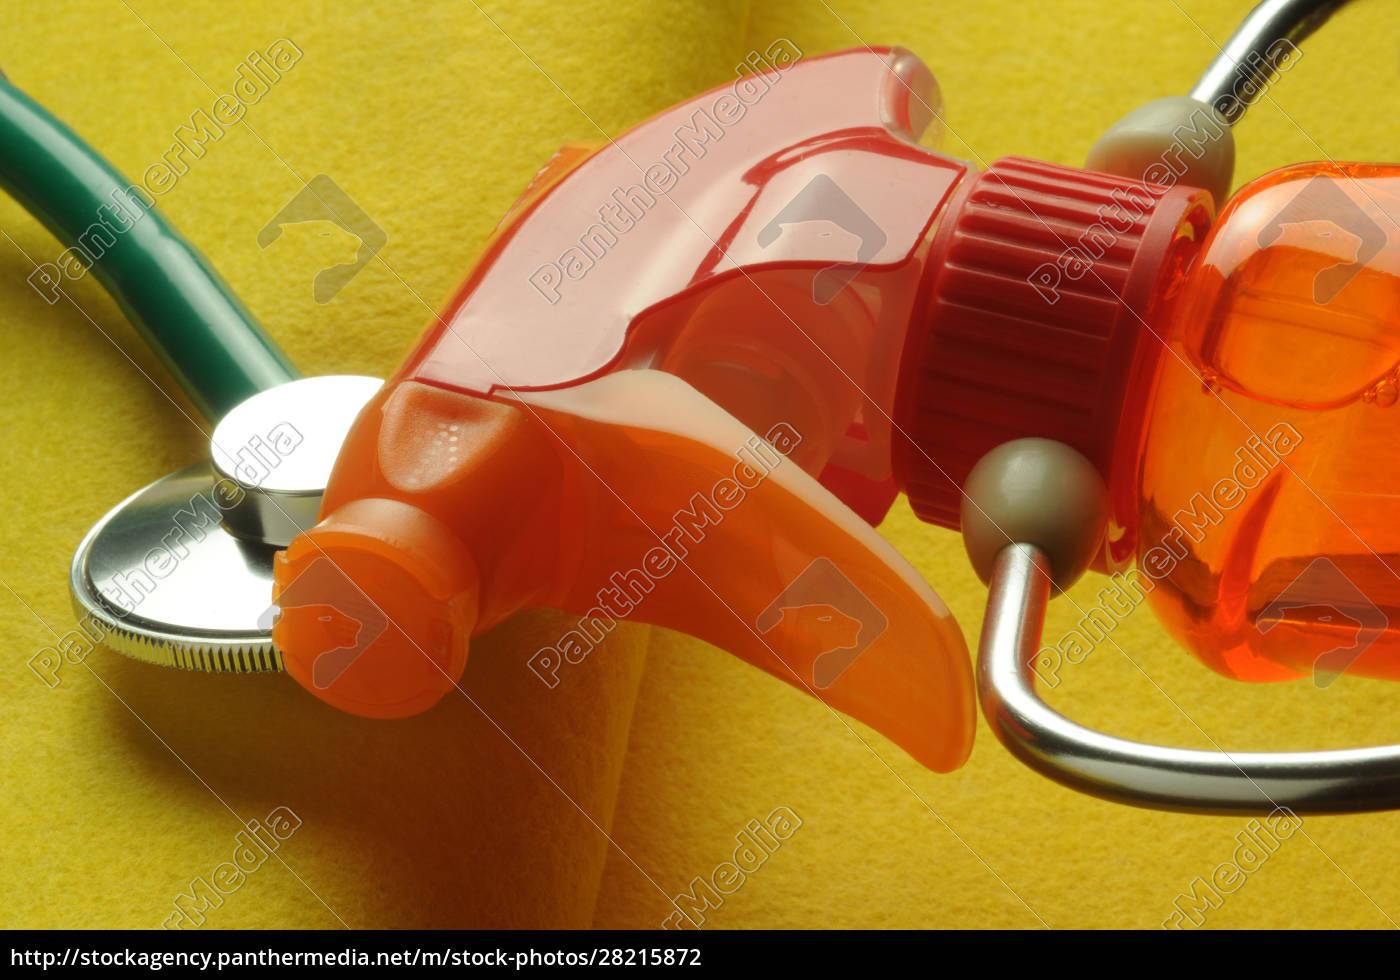 liquid, detergent, bottle, with, stethoscope - 28215872